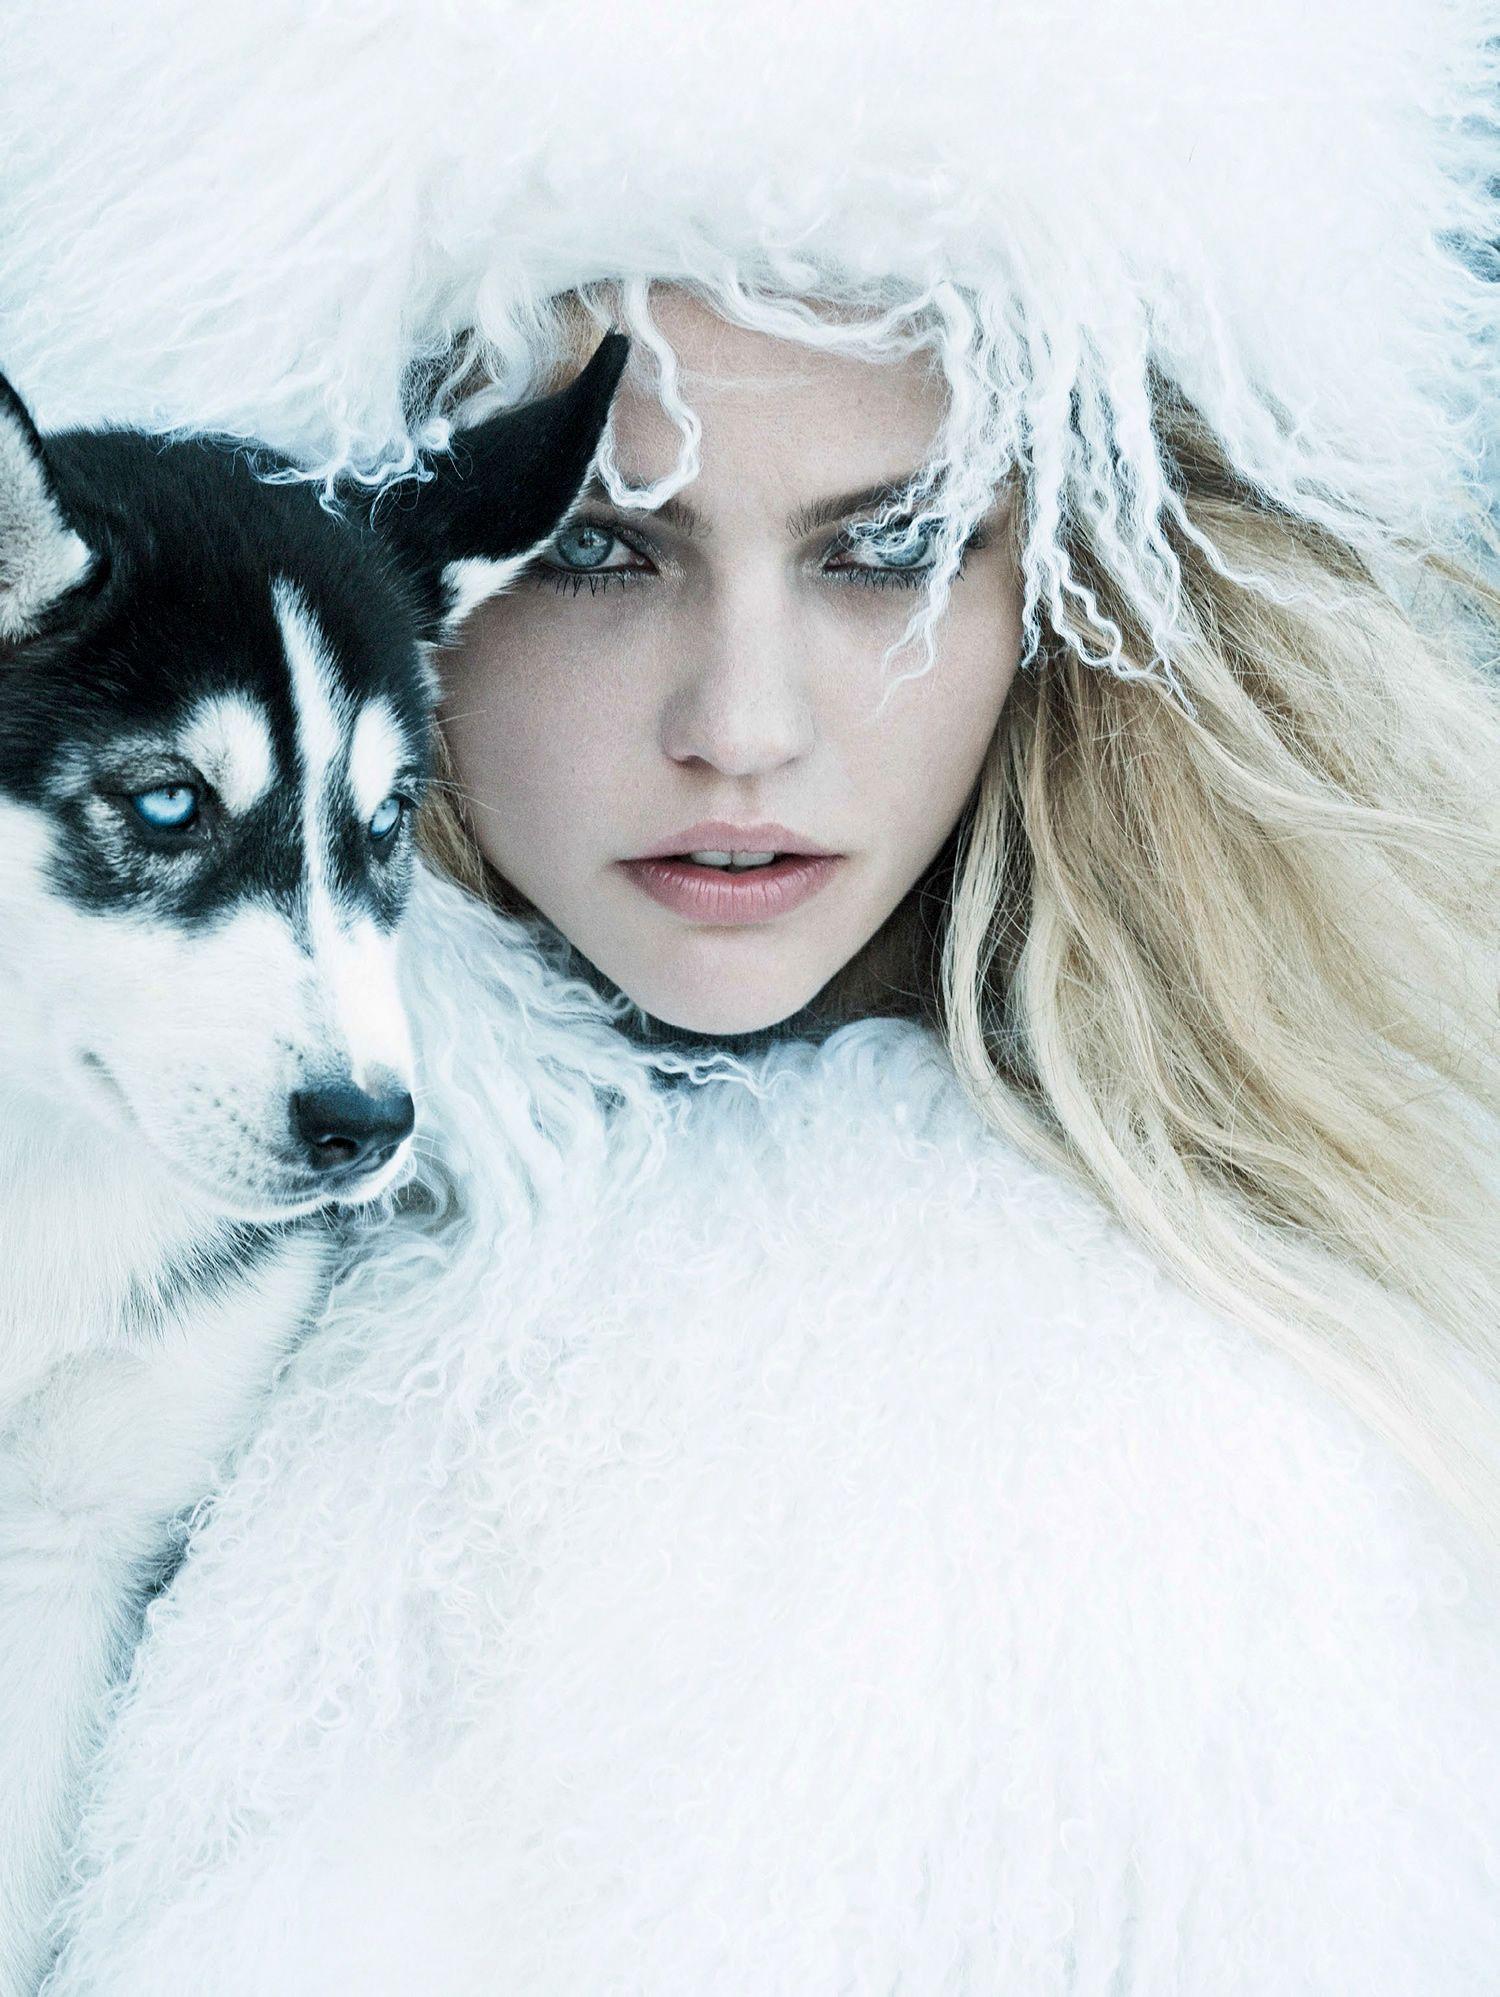 ☆ Sasha Pivovarova   Photography by Mikael Jansson   For Vogue Magazine US   September 2014 ☆ #Sasha_Pivovarova #Mikael_Jansson #Vogue #2014